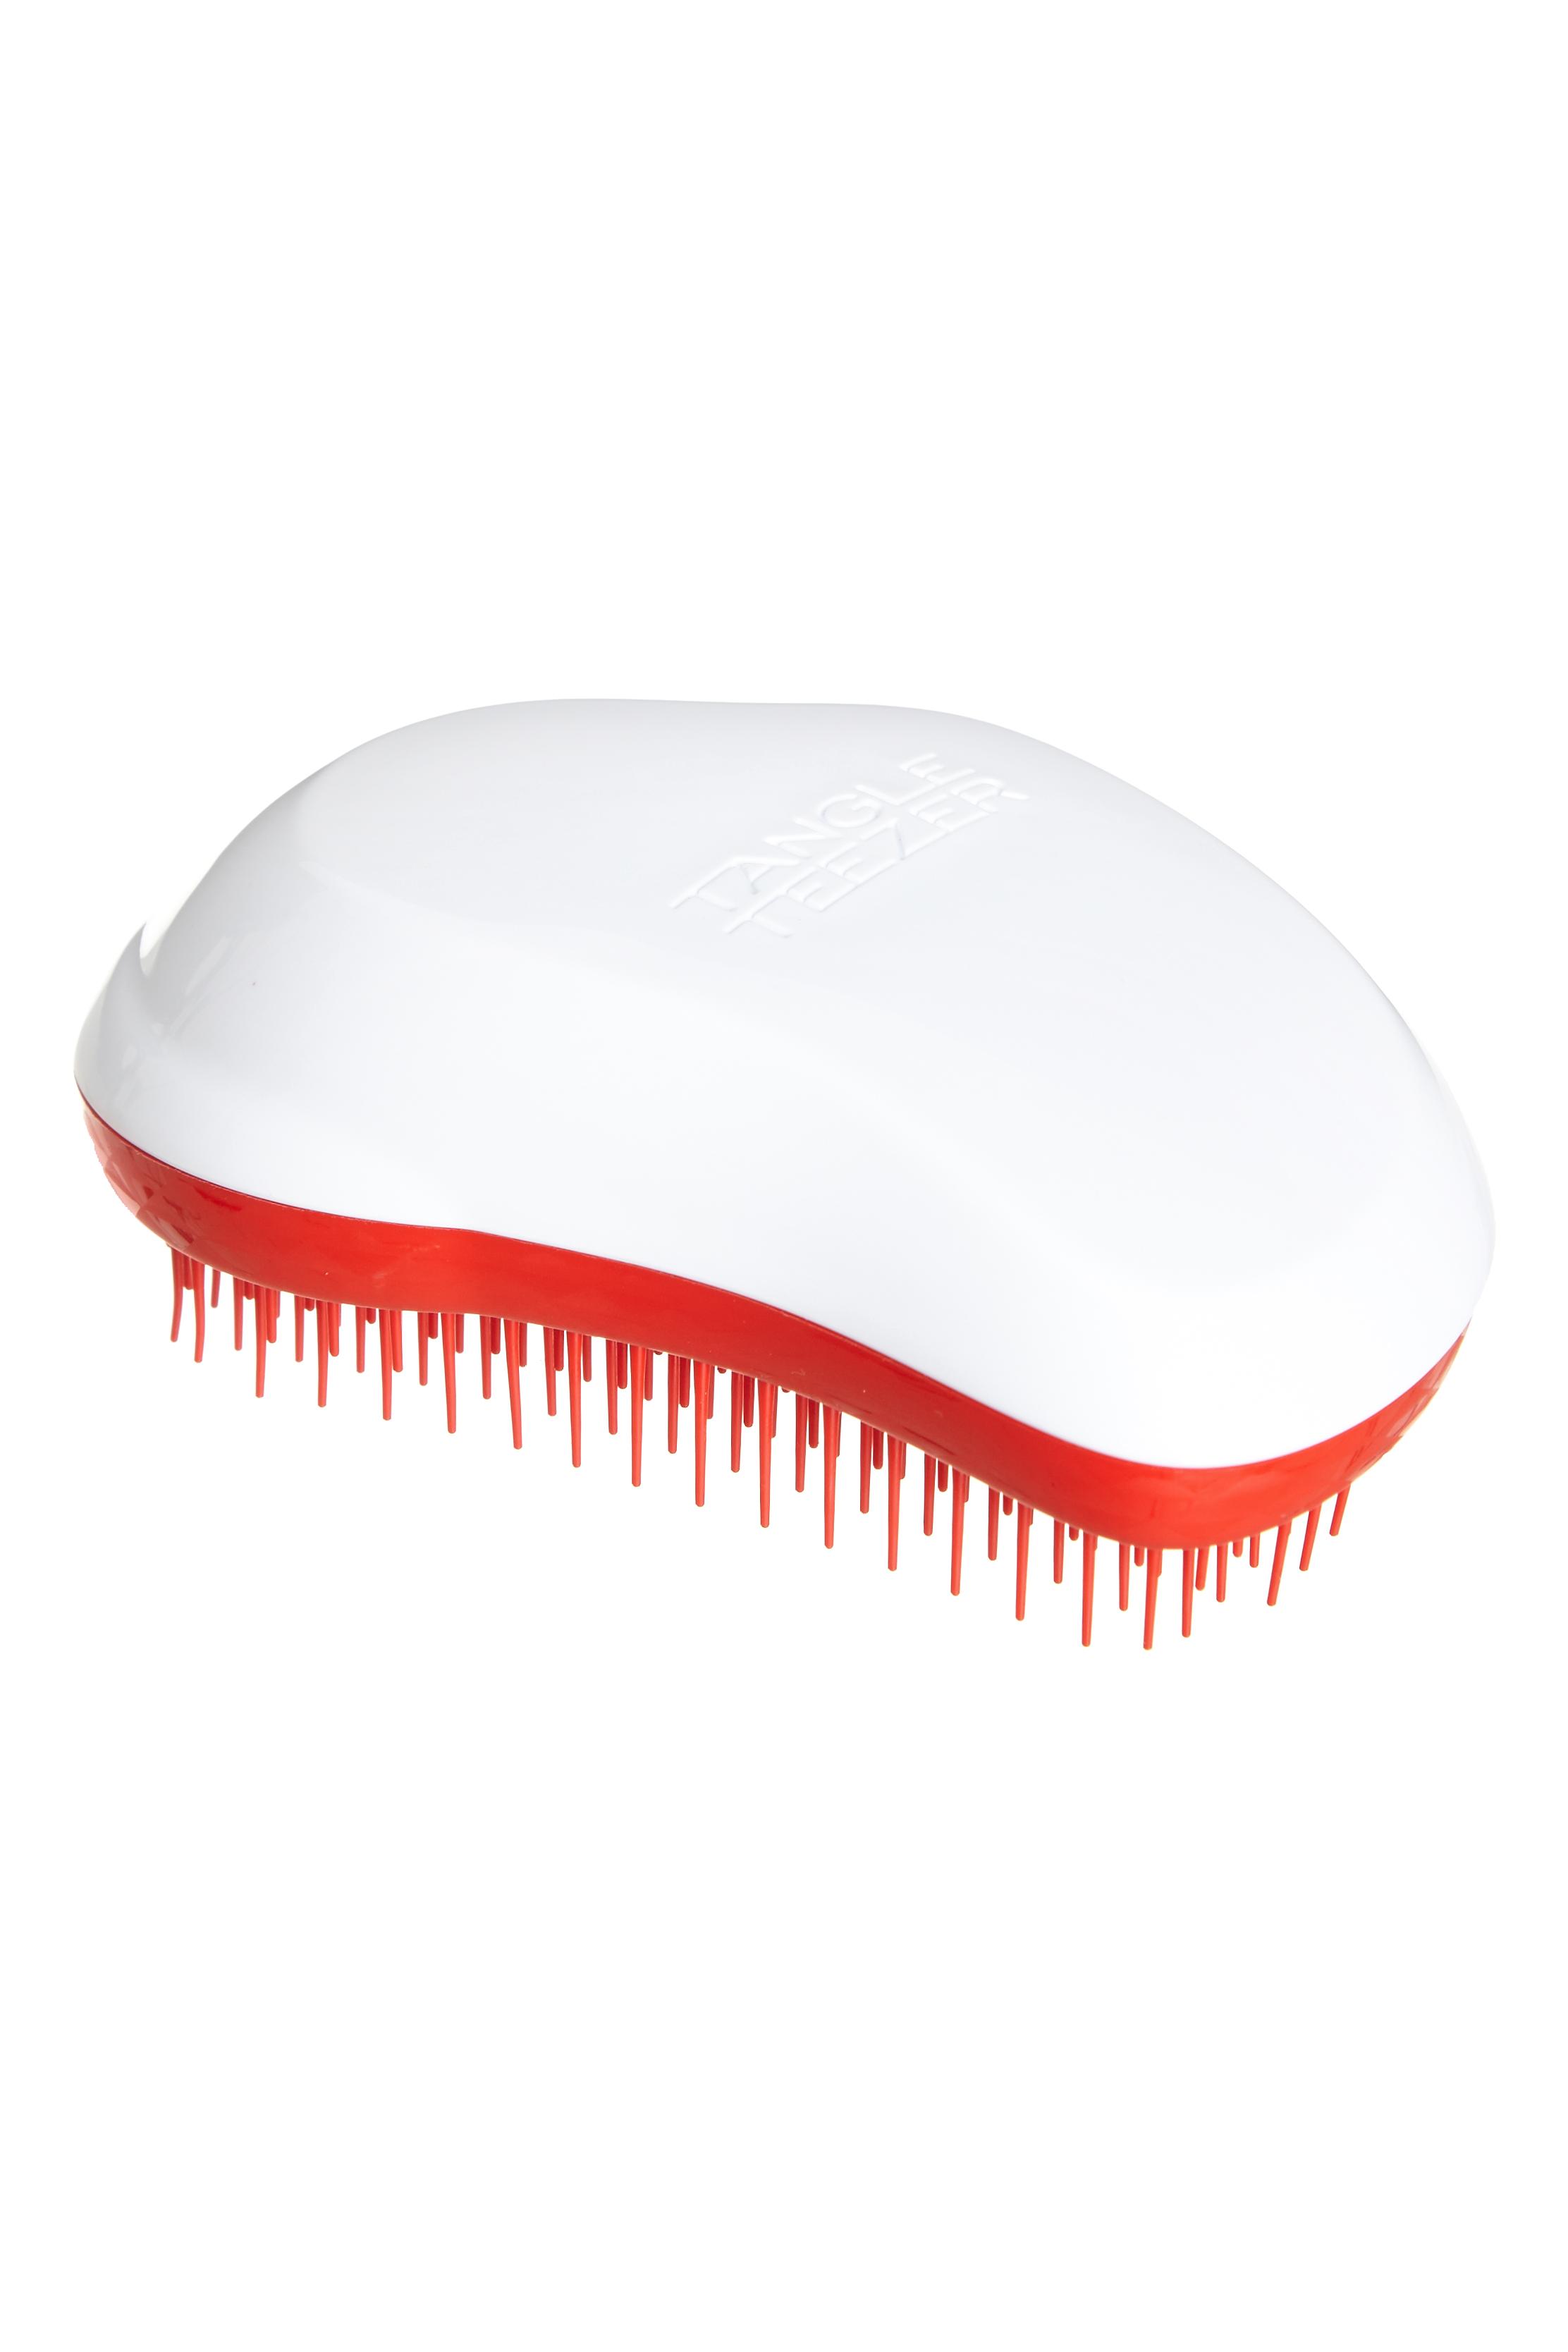 TANGLE TEEZER Расческа / Tangle Teezer The Original Christmas White/RedРасчески<br>Профессиональная распутывающая расческа Tangle Teezer идеально подходит для всех типов волос. Оригинальная форма зубчиков обеспечивает двойное действие и позволяет быстро, бережно и безболезненно расчесать влажные и сухие волосы. Благодаря эргономичному дизайну, расчёску удобно держать в руках, не опасаясь выскальзывания. Активные ингредиенты. Состав: гипоаллергенный пластик. Не повреждает структуру волос при расчесывании. Не электролизует, не выдирает, не тянет волосы. Распутывает колтуны. Зубчики изготовлены из гибкого, пластичного материала. Tangle Teezer можно расчесывать даже мокрые волосы. Расчесывать волосы можно от самых корней (а не с кончиков, как это делают обычно). Идеально подходит для кудрявых, длинных волос, нарощенных волос, париков. Отличительная особенность Tangle Teezer - массаж головы, который улучшает кровообращение и способствует росту волос. Изготовлена из экологически чистого материала. Разработана для профессионального ухода за волосами. Полноразмерный вариант расчески Tangle Teezer. Максимальный эффект от массажа достигается благодаря эргономичной форме расчески и зубчиков.<br><br>Класс косметики: Профессиональная<br>Типы волос: Для всех типов